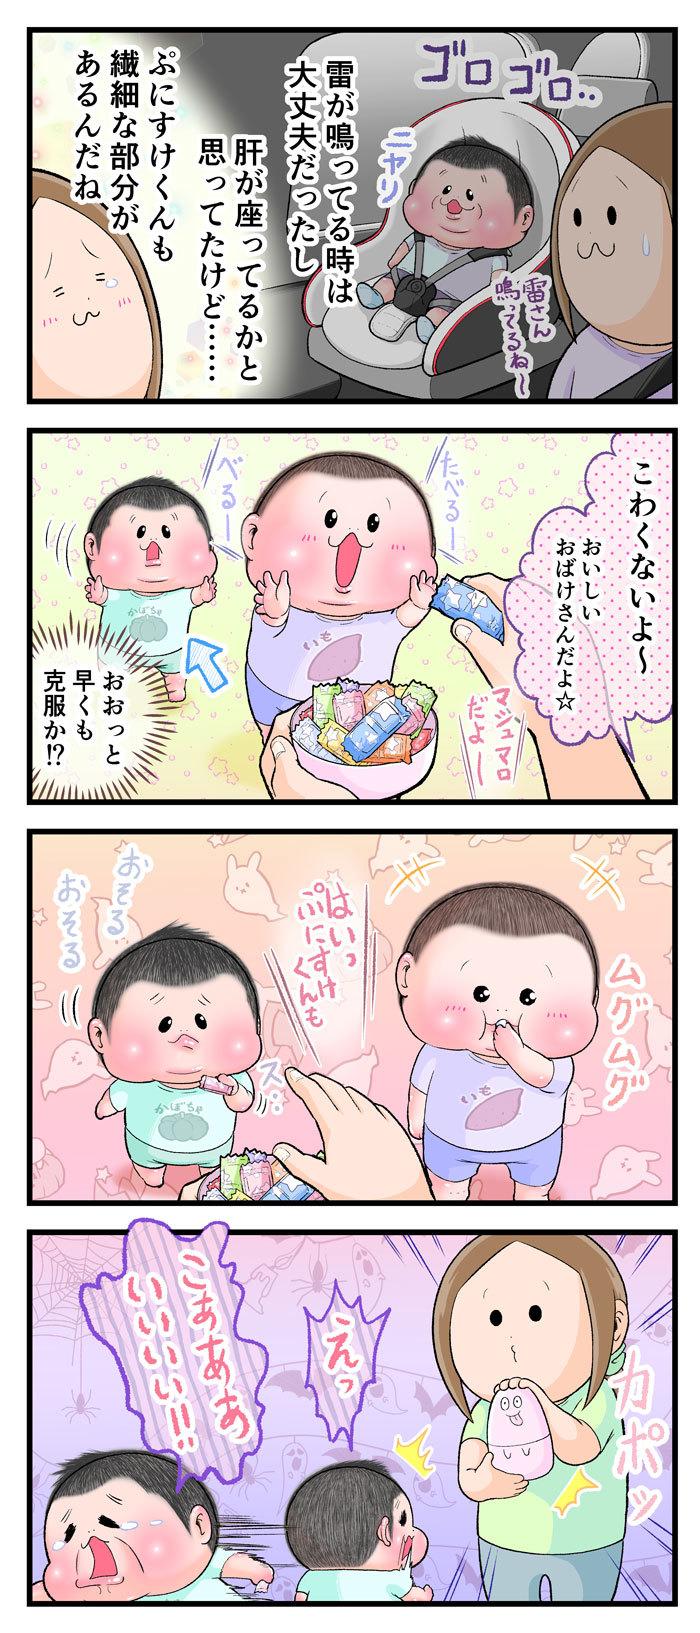 ハロウィンおばけはこわいけど…マシュマロは食べたい!1歳次男の葛藤にキュン♡の画像2